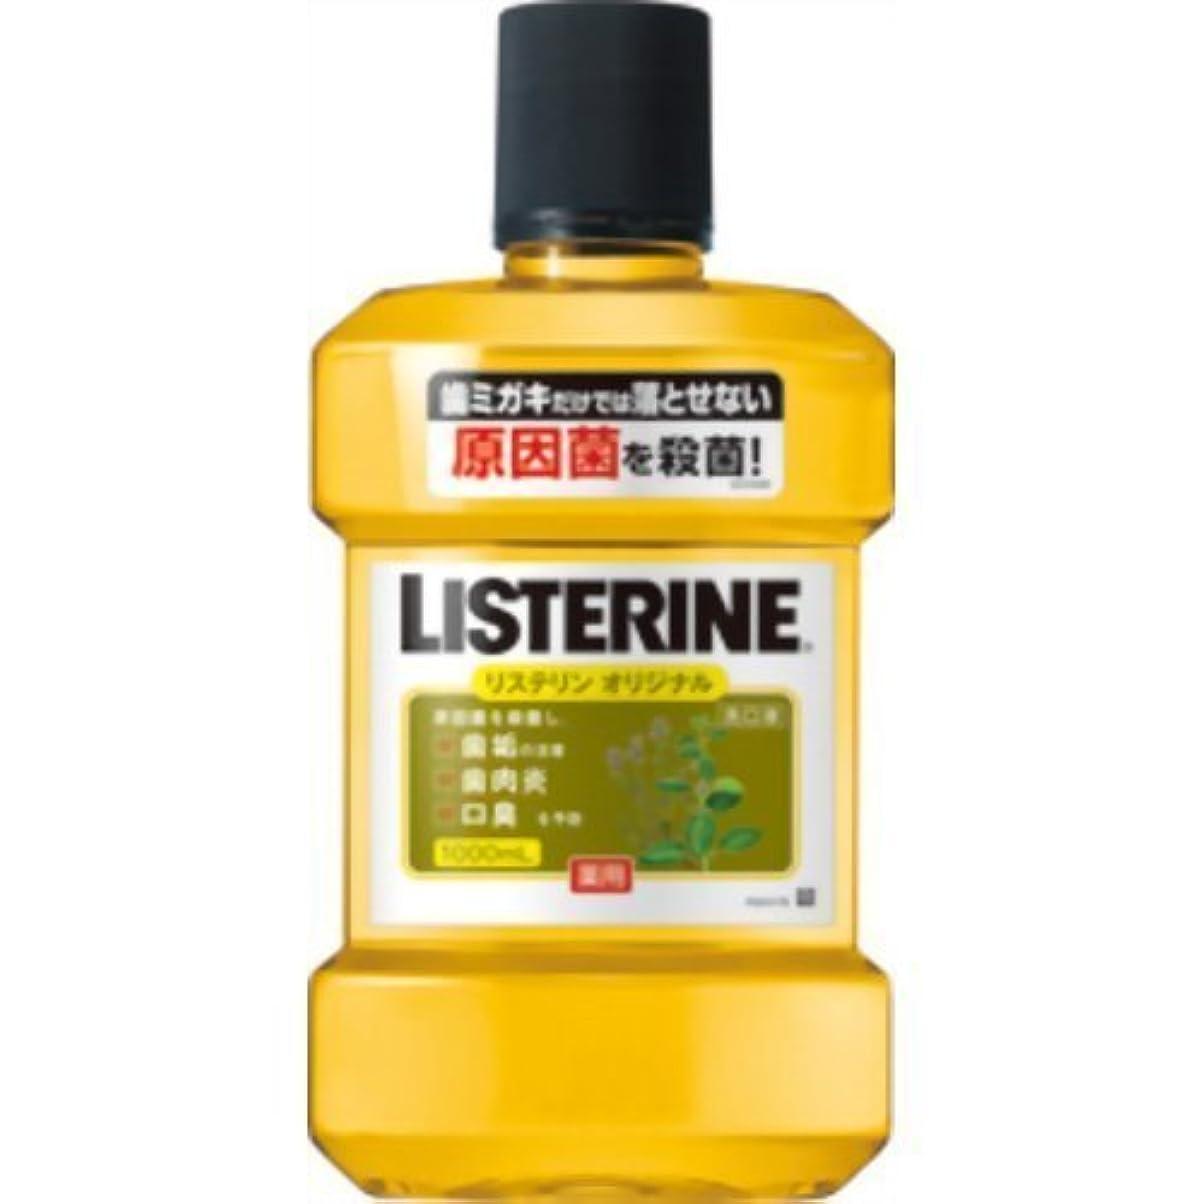 隣人知り合いになる韓国語薬用リステリン オリジナル 1000ml ×5個セット